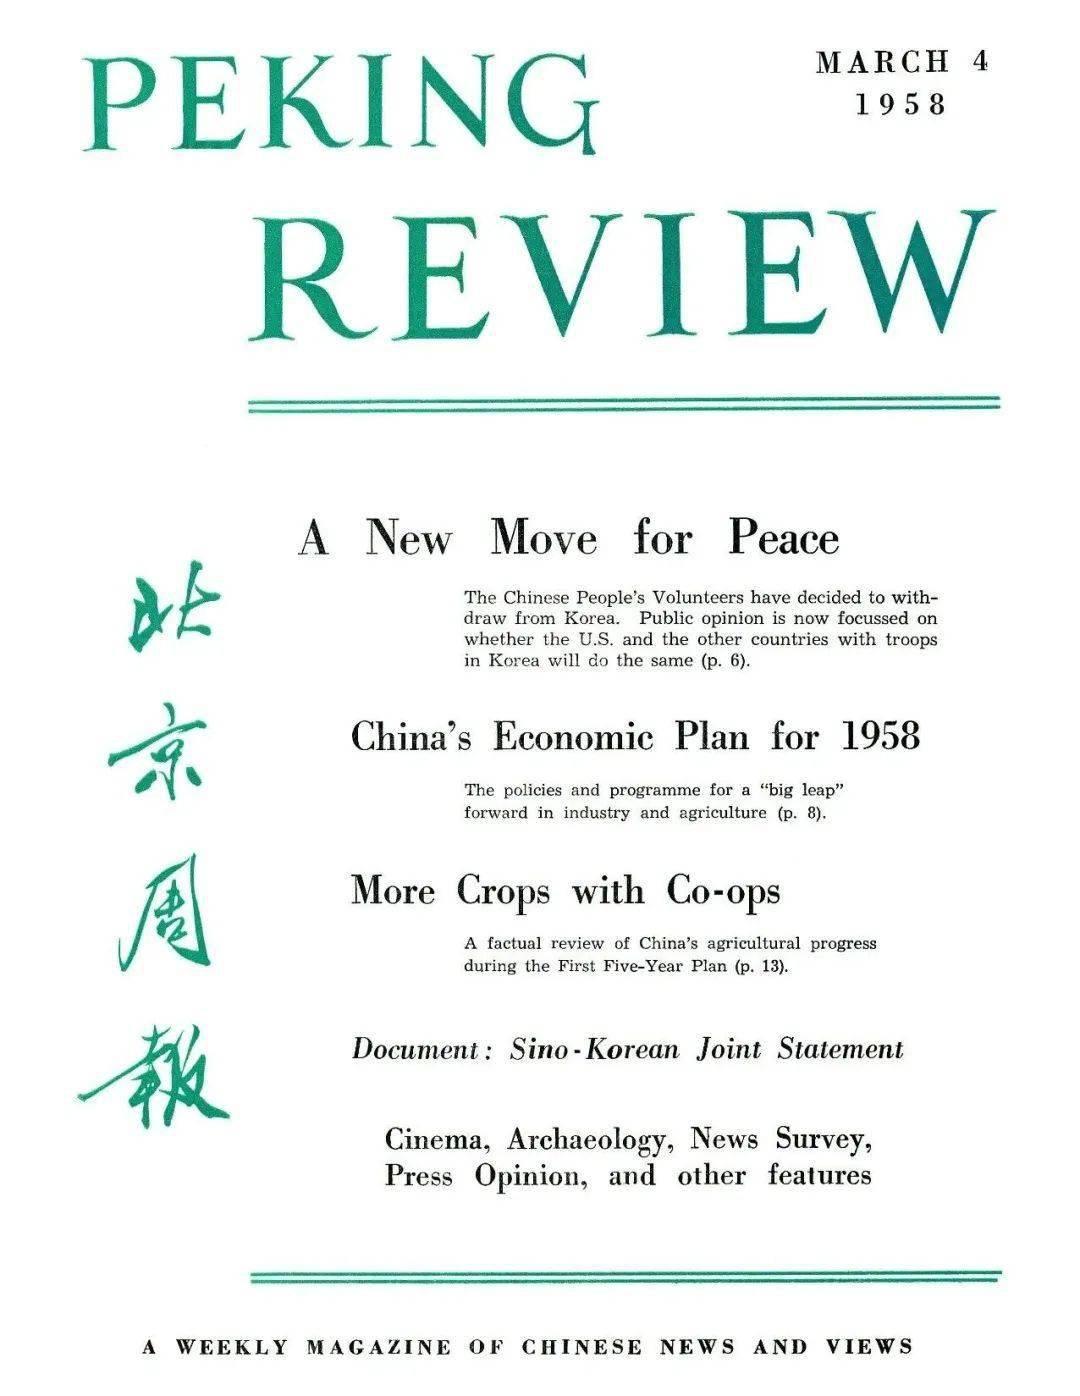 谈谈|北京评论办杂志的天时地利人和